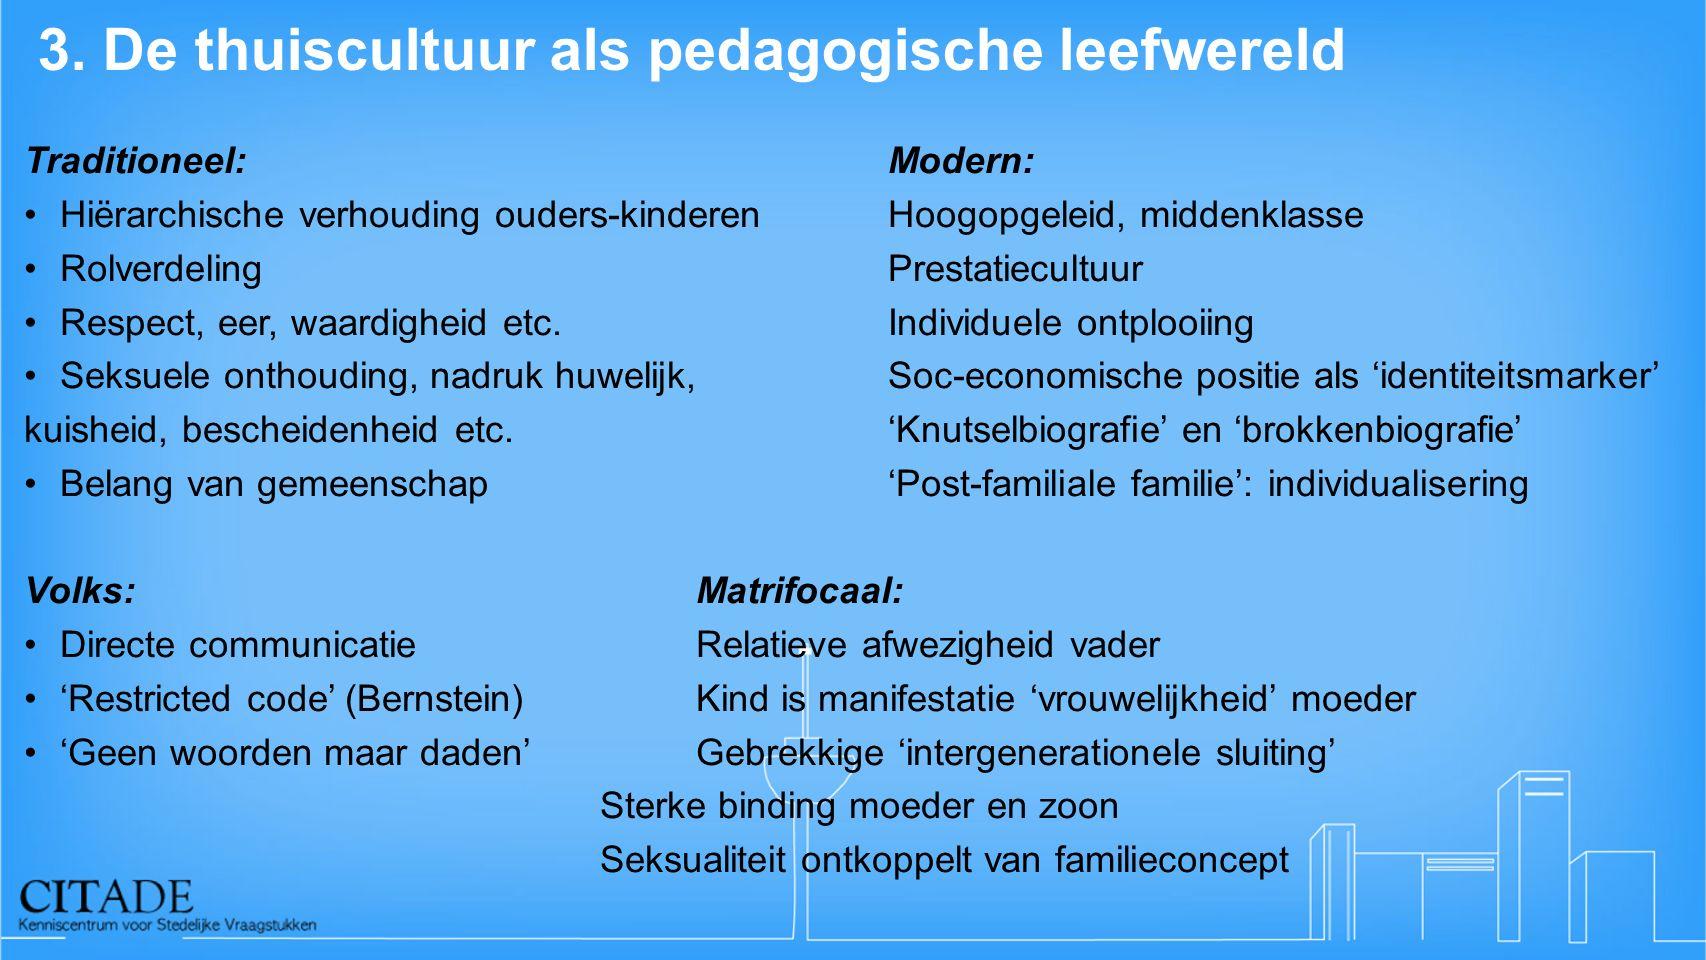 3. De thuiscultuur als pedagogische leefwereld